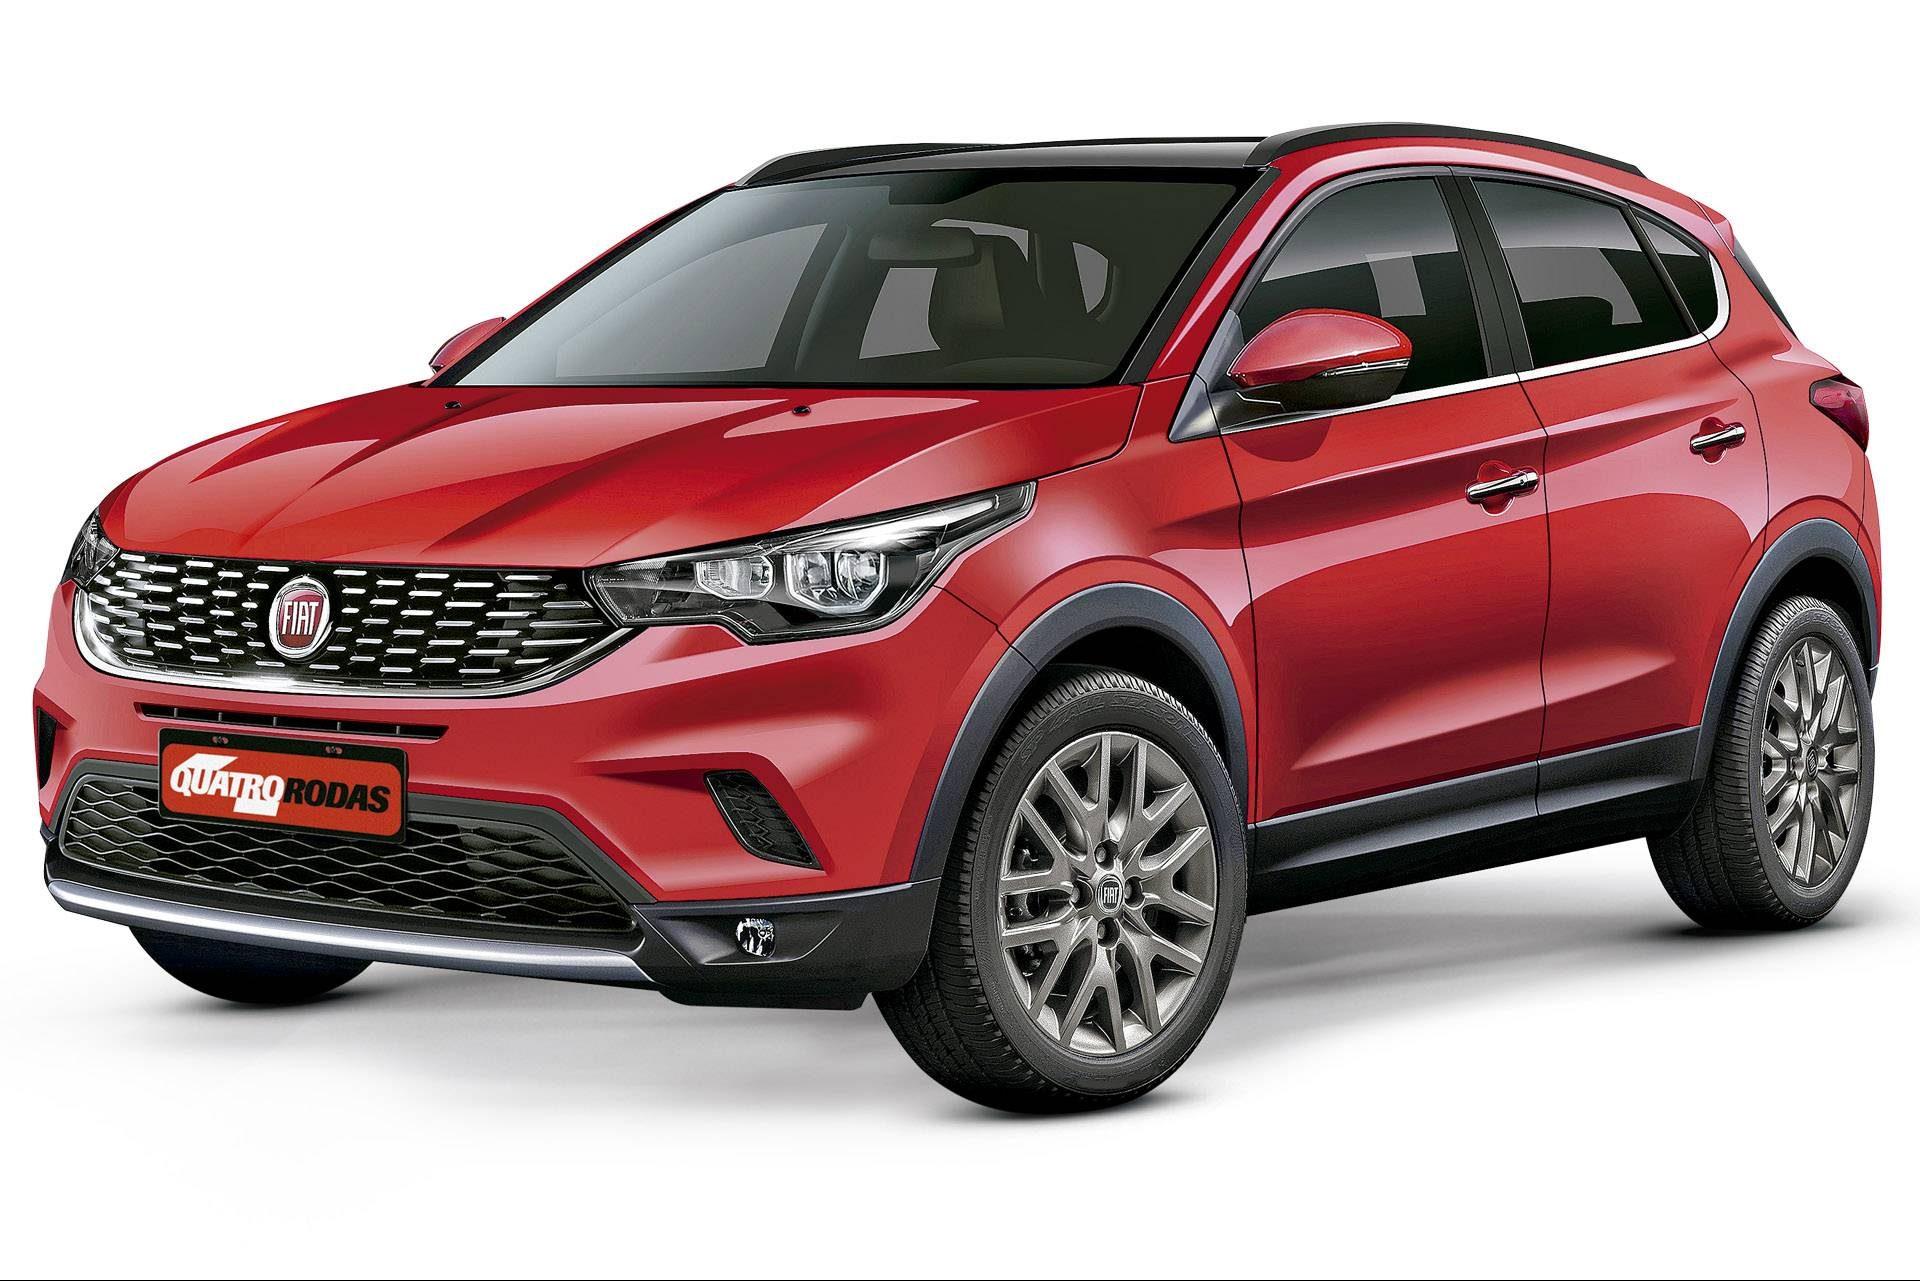 Os dois novos SUVs da Fiat feitos em Betim (MG) usarão plataforma do Argo